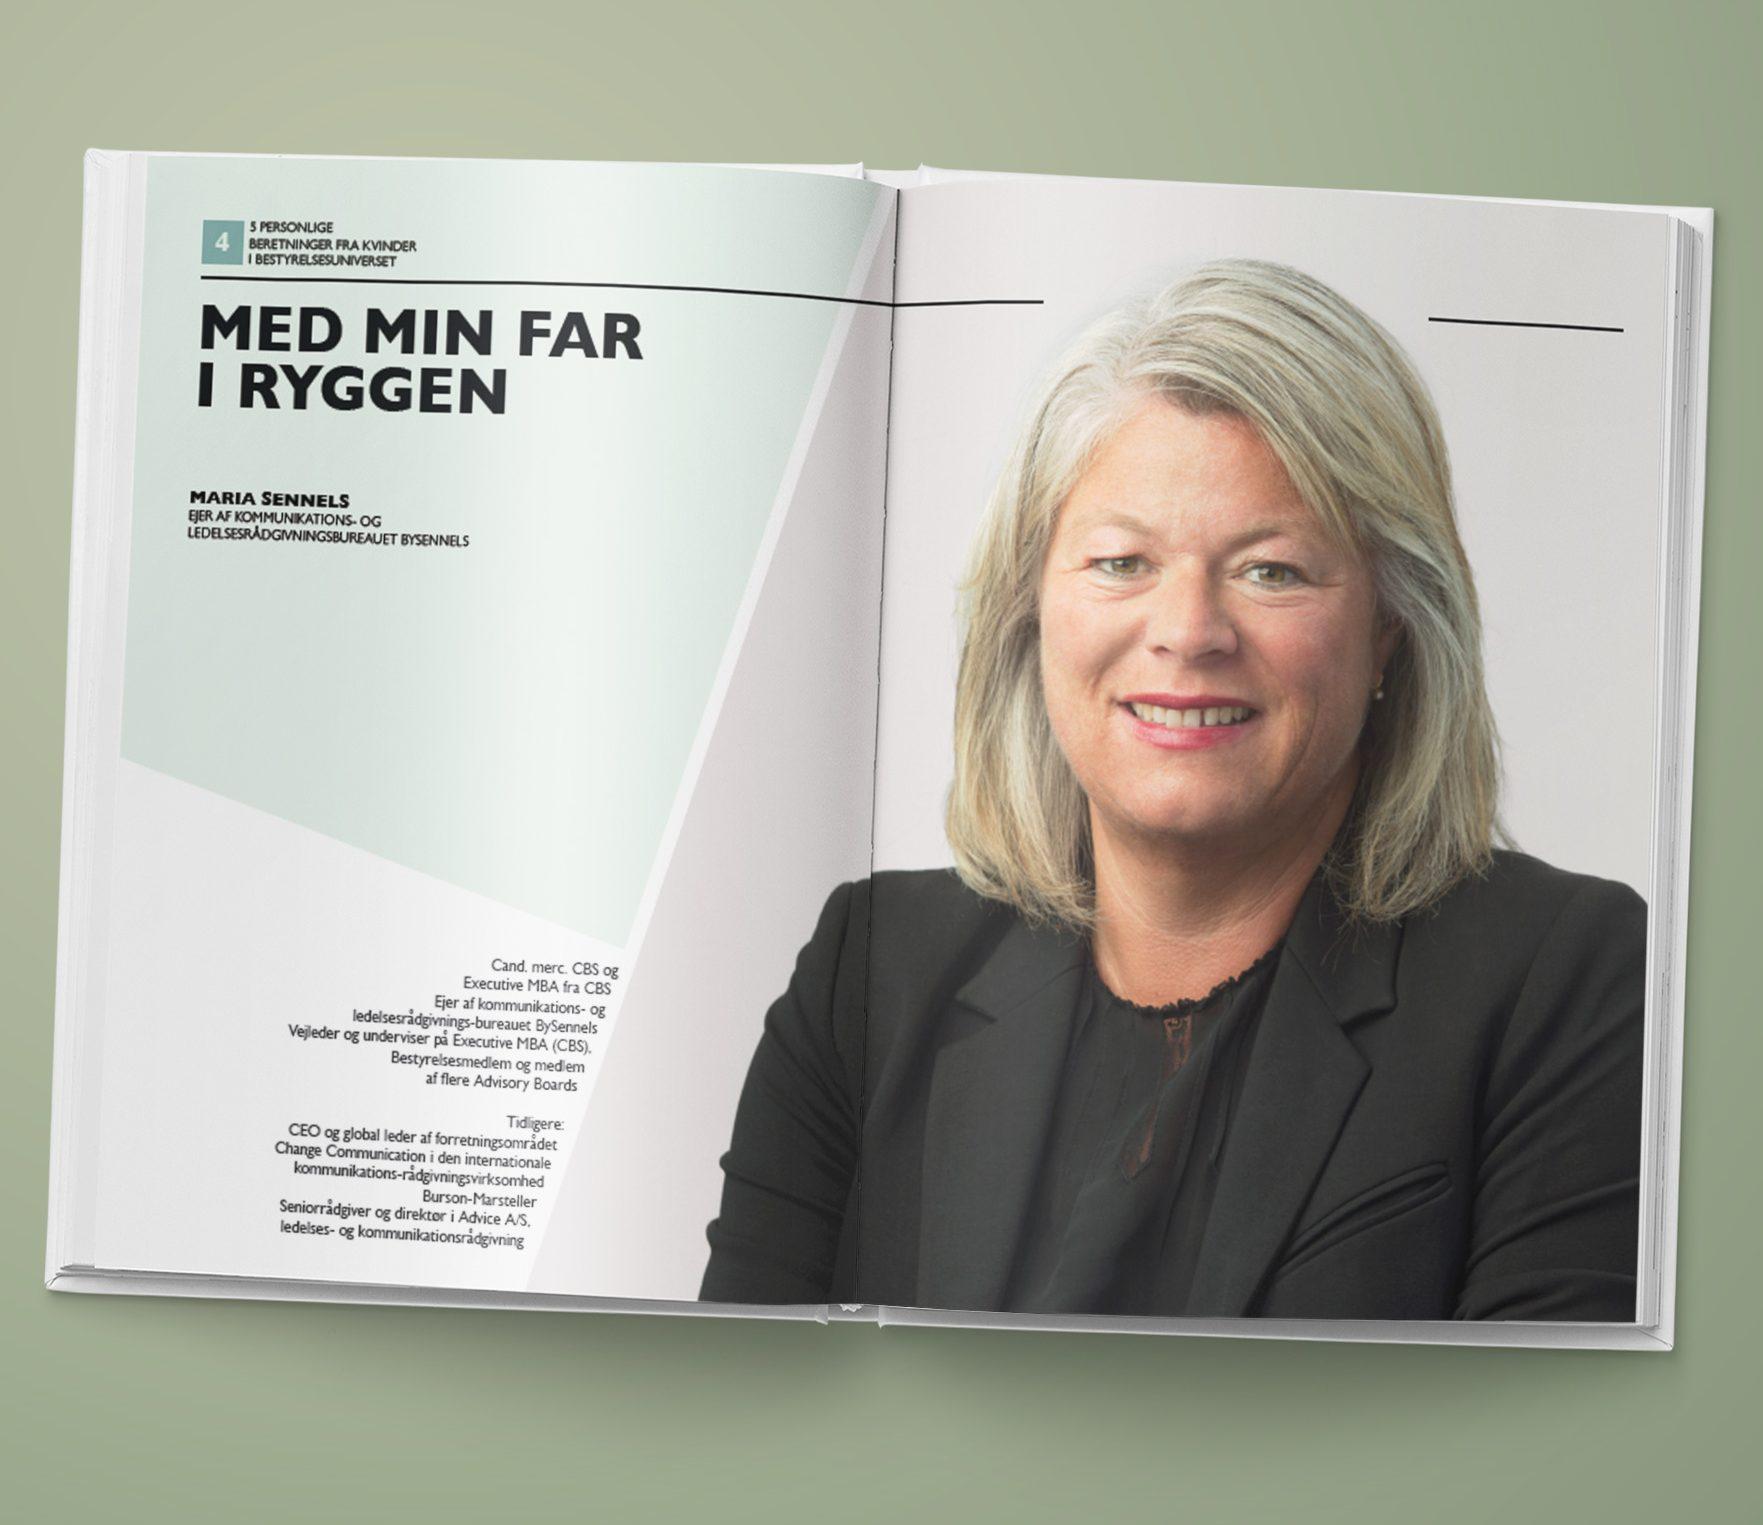 Ladies First | Fem råd til bestyrelsesklare kvinder - Camilla Ley Valentin, Helle Katholm Knudsen, Annette Otto, Hanne Jessen Krarup og Mie Krog